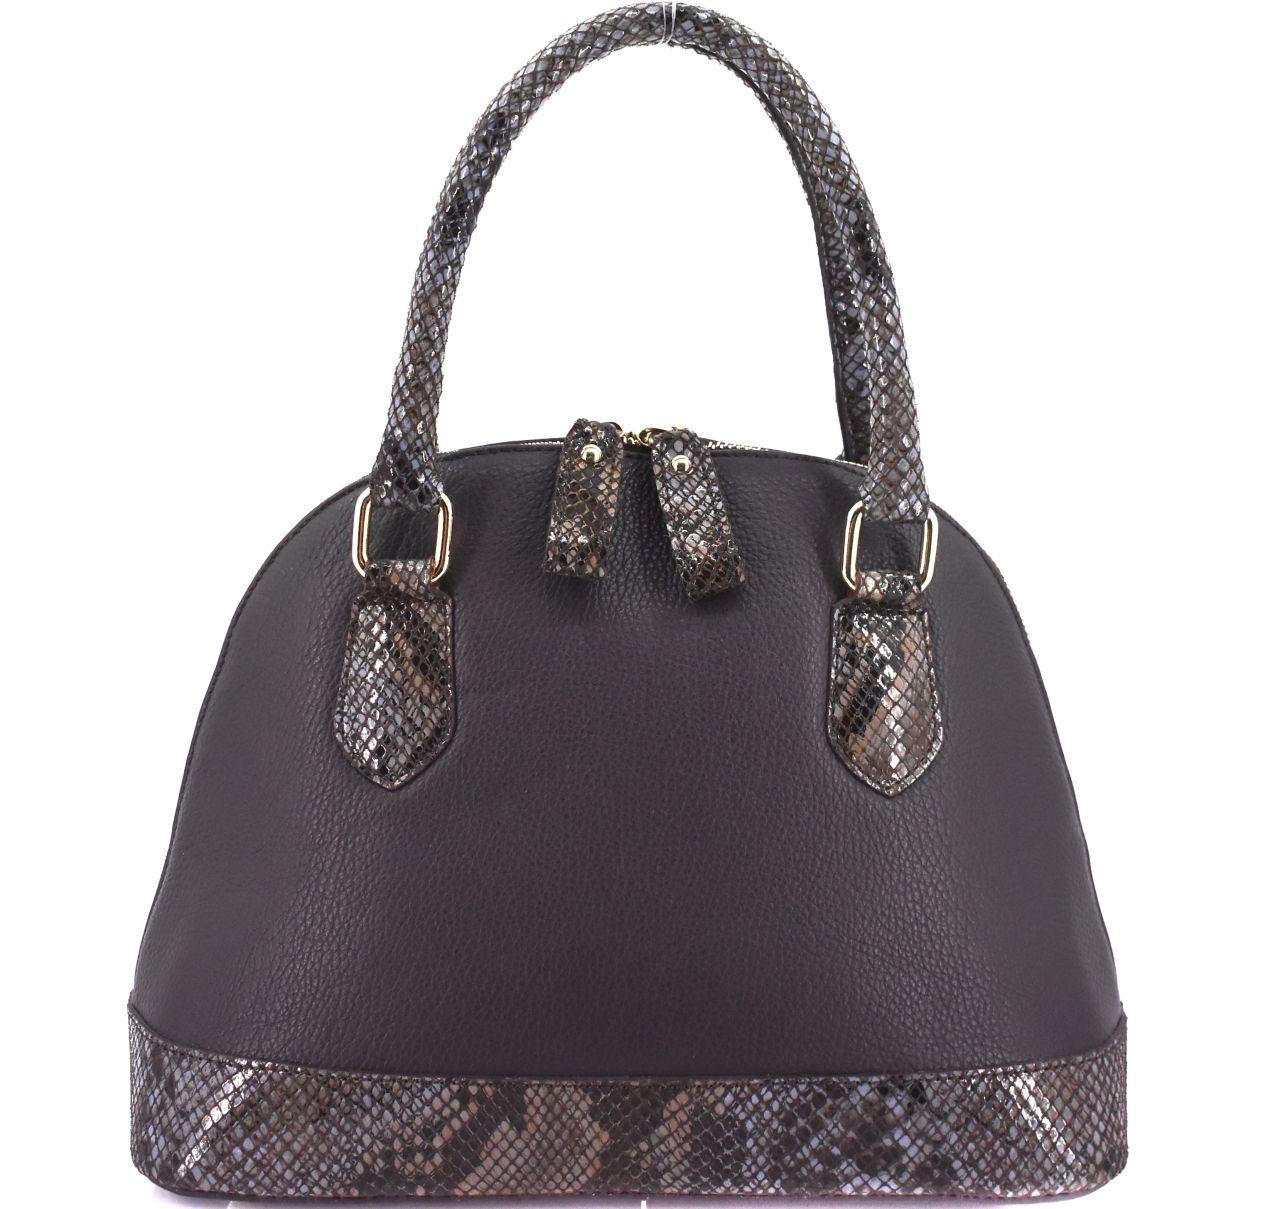 Moderní dámská kožená kabelka Arteddy s hadím vzorem - tmavě hnědá 31011